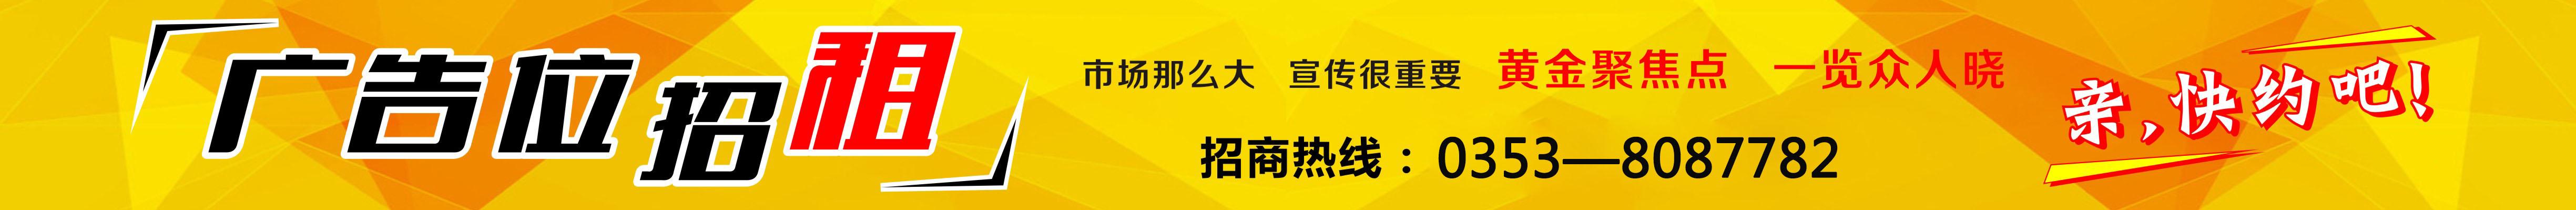 盂县在线广告招商